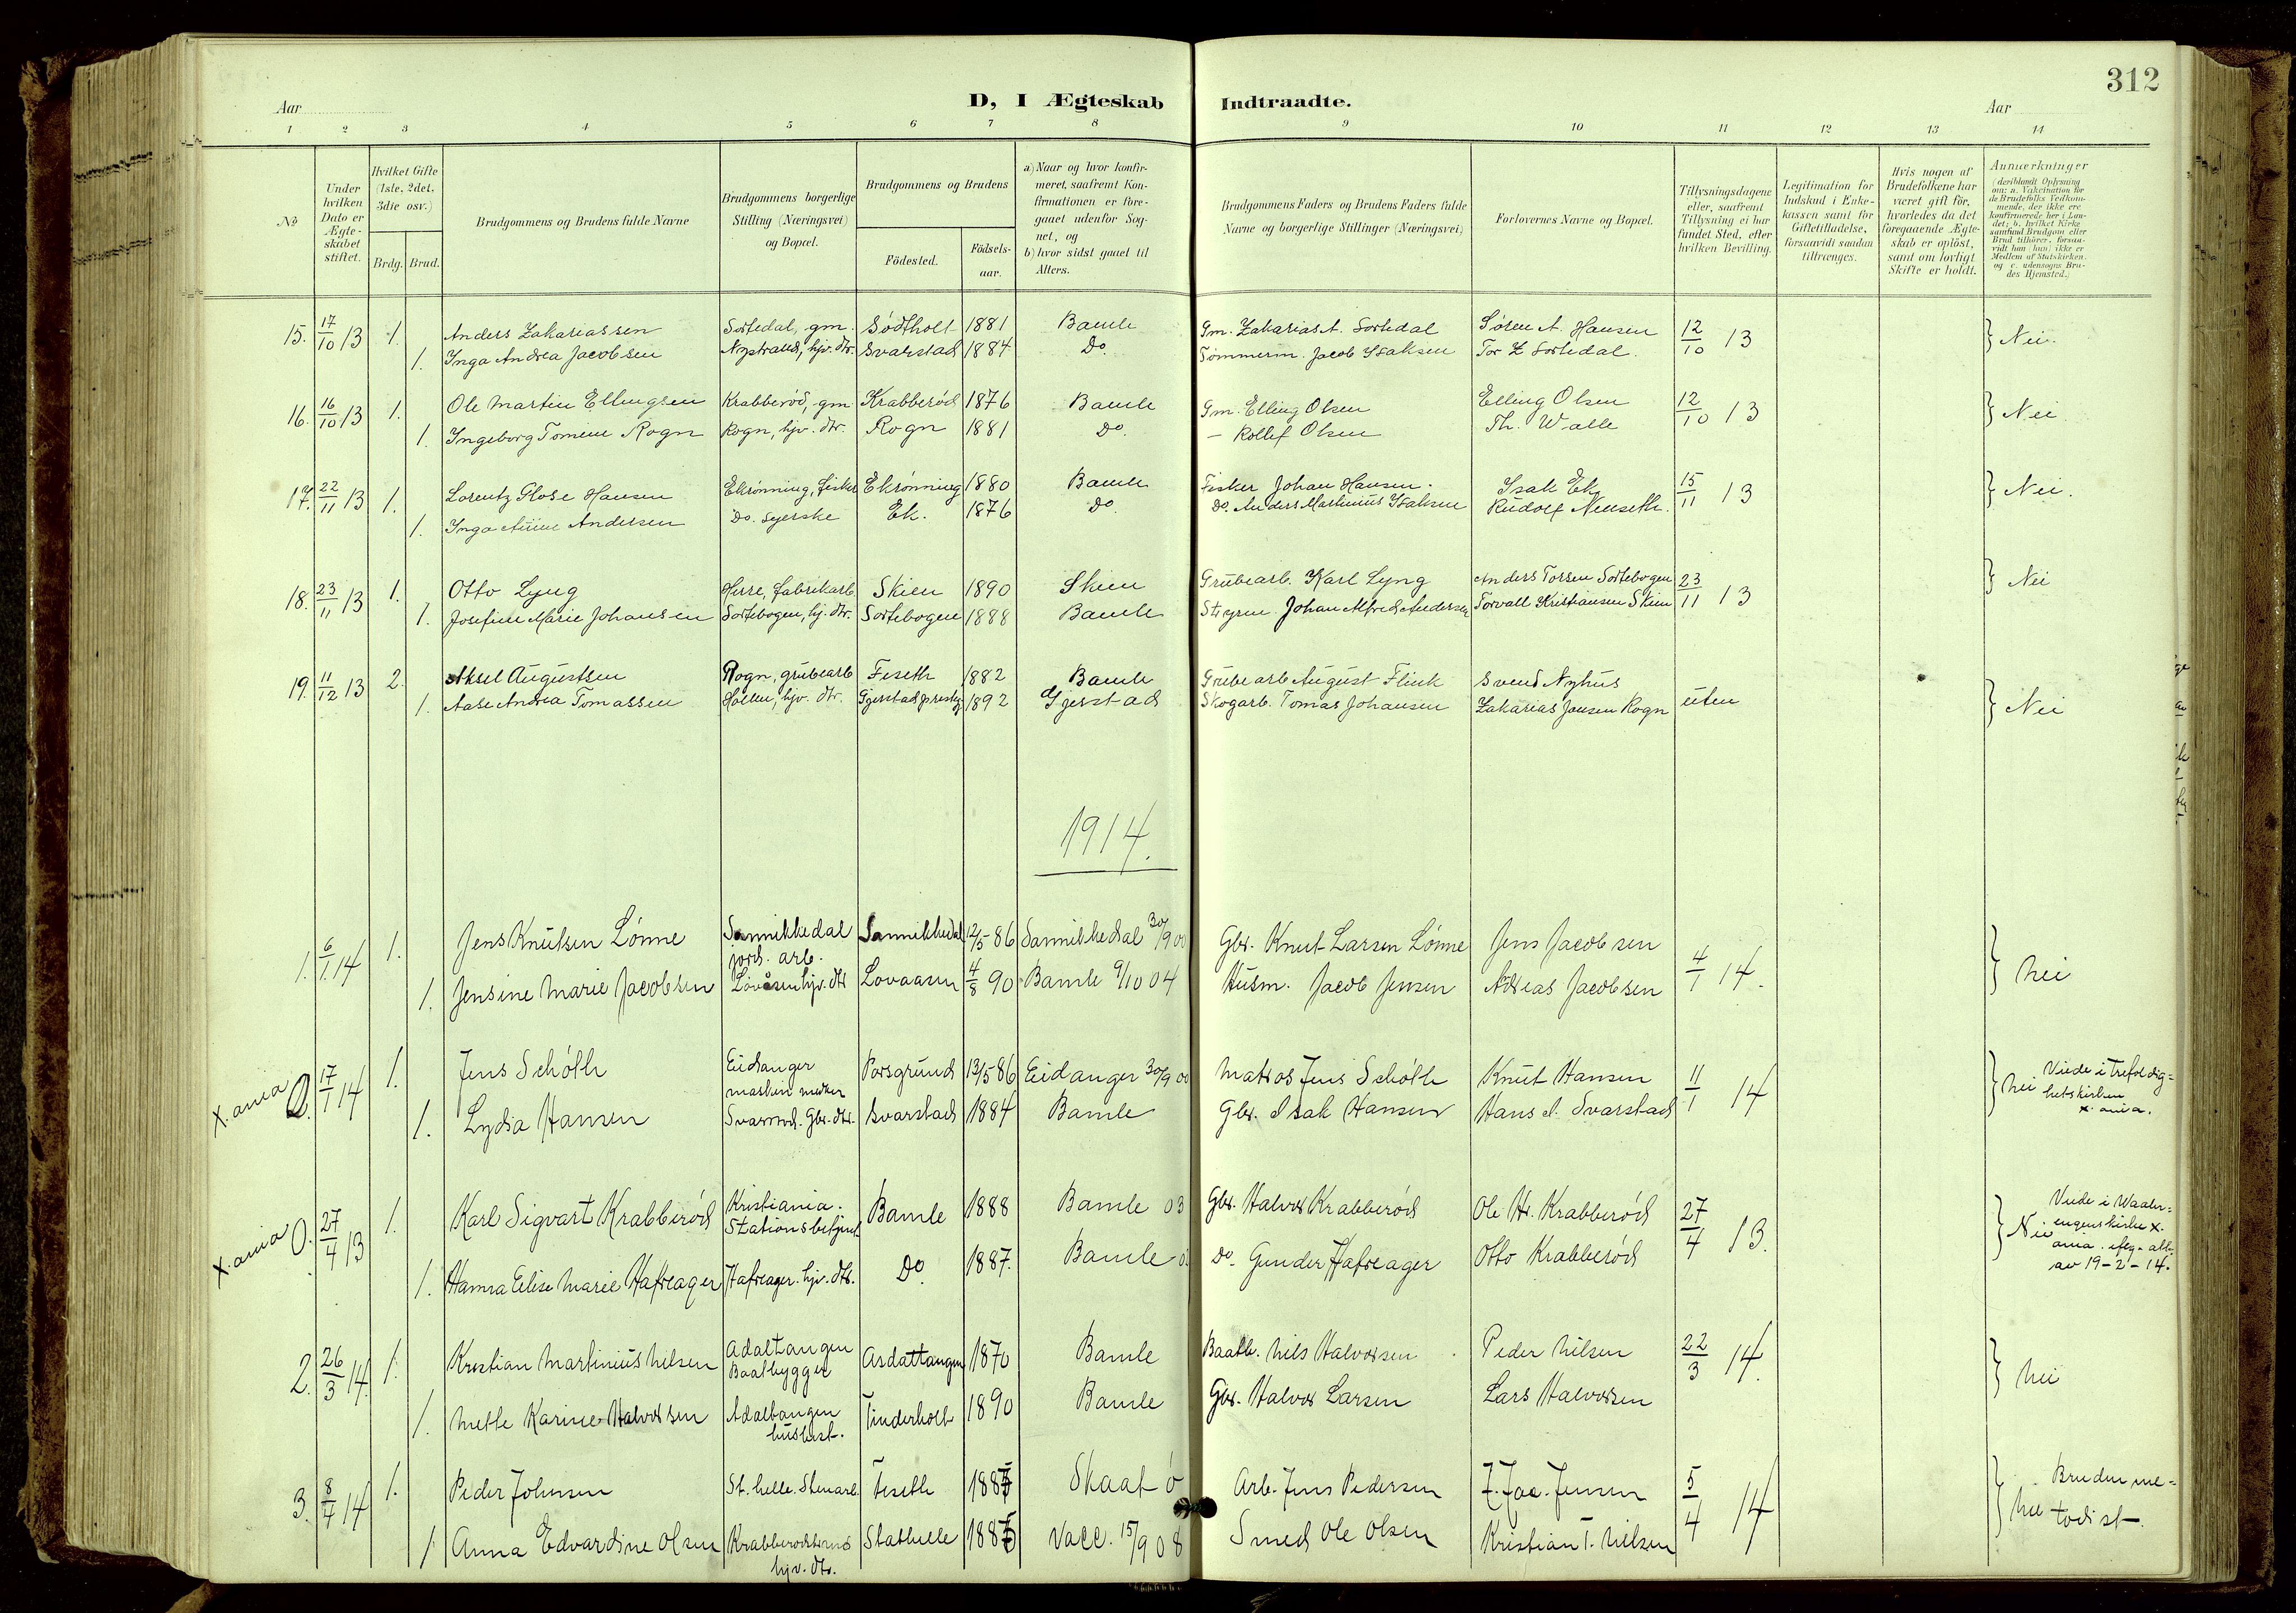 SAKO, Bamble kirkebøker, G/Ga/L0010: Klokkerbok nr. I 10, 1901-1919, s. 312